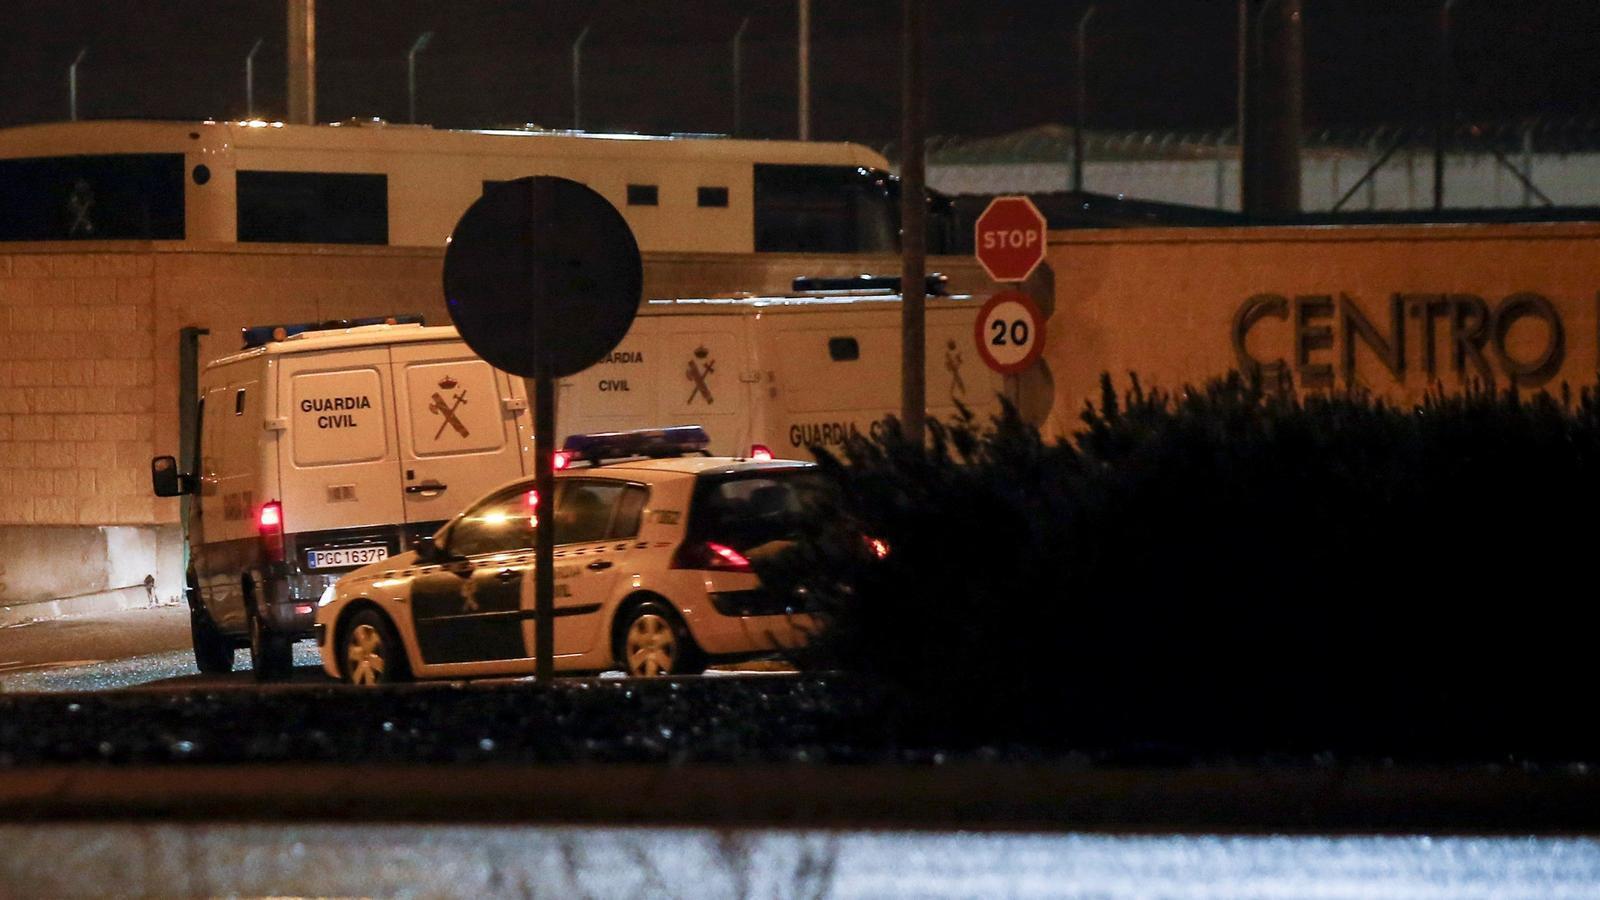 Els furgons de la Guàrdia Civil que portaven Jordi Turull, Raül Romeva i Josep Rull a la presó d'Estremera, divendres a la nit